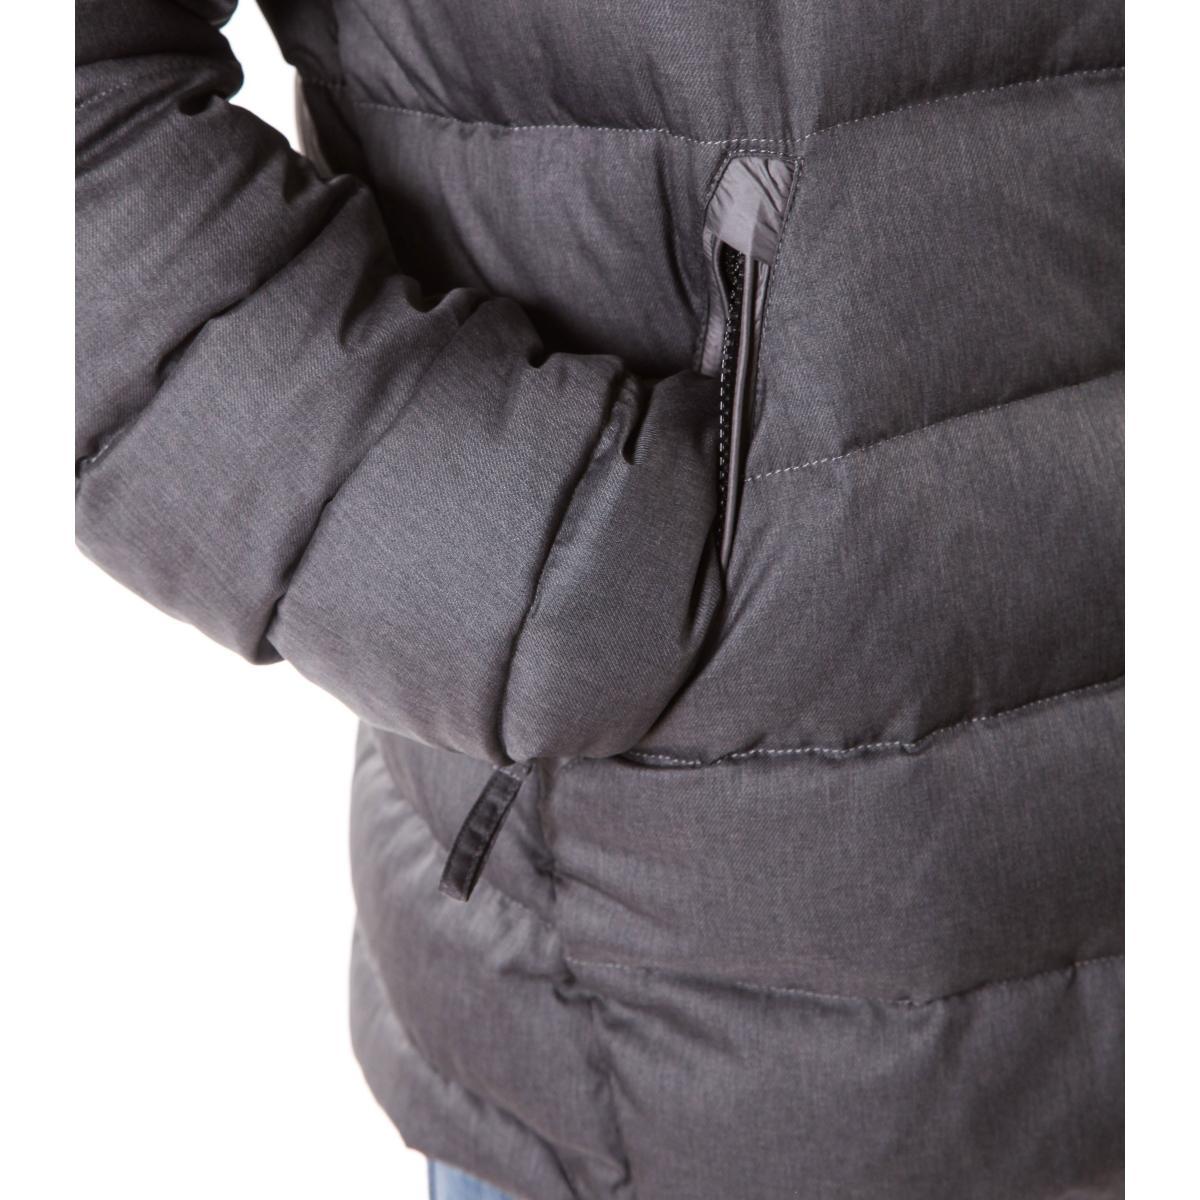 Giubbotto Blauer Usa imbottito con cappuccio da uomo rif. 18WBLUC03066-005047